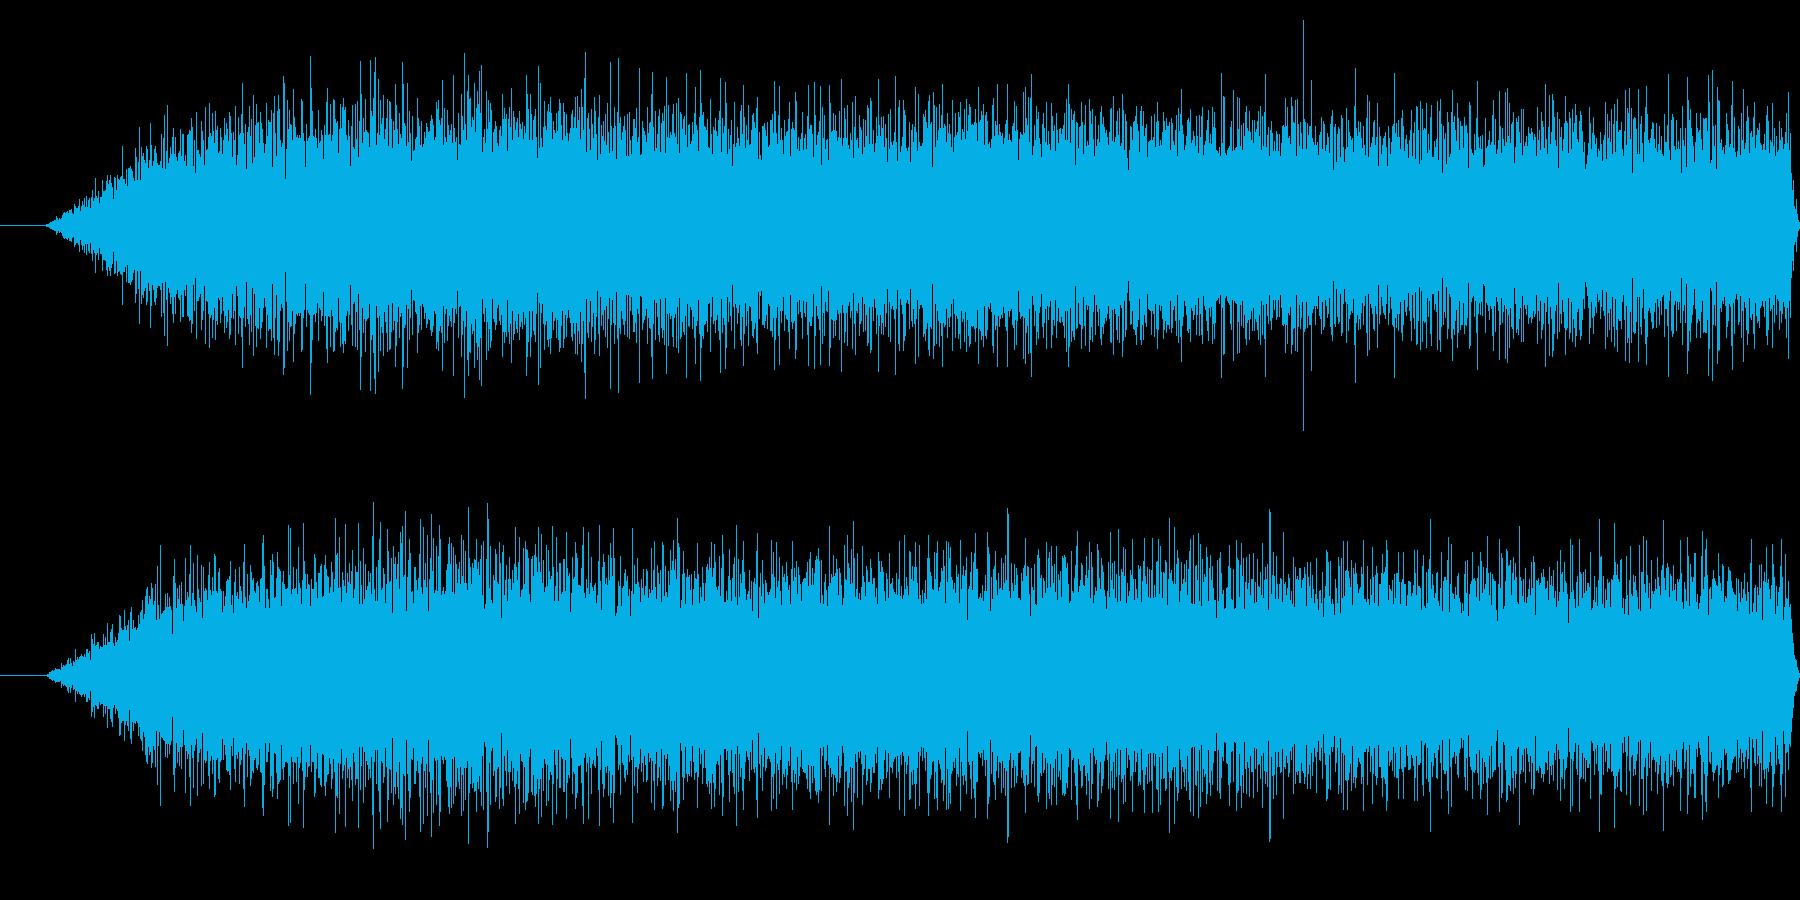 川(激しい)の再生済みの波形